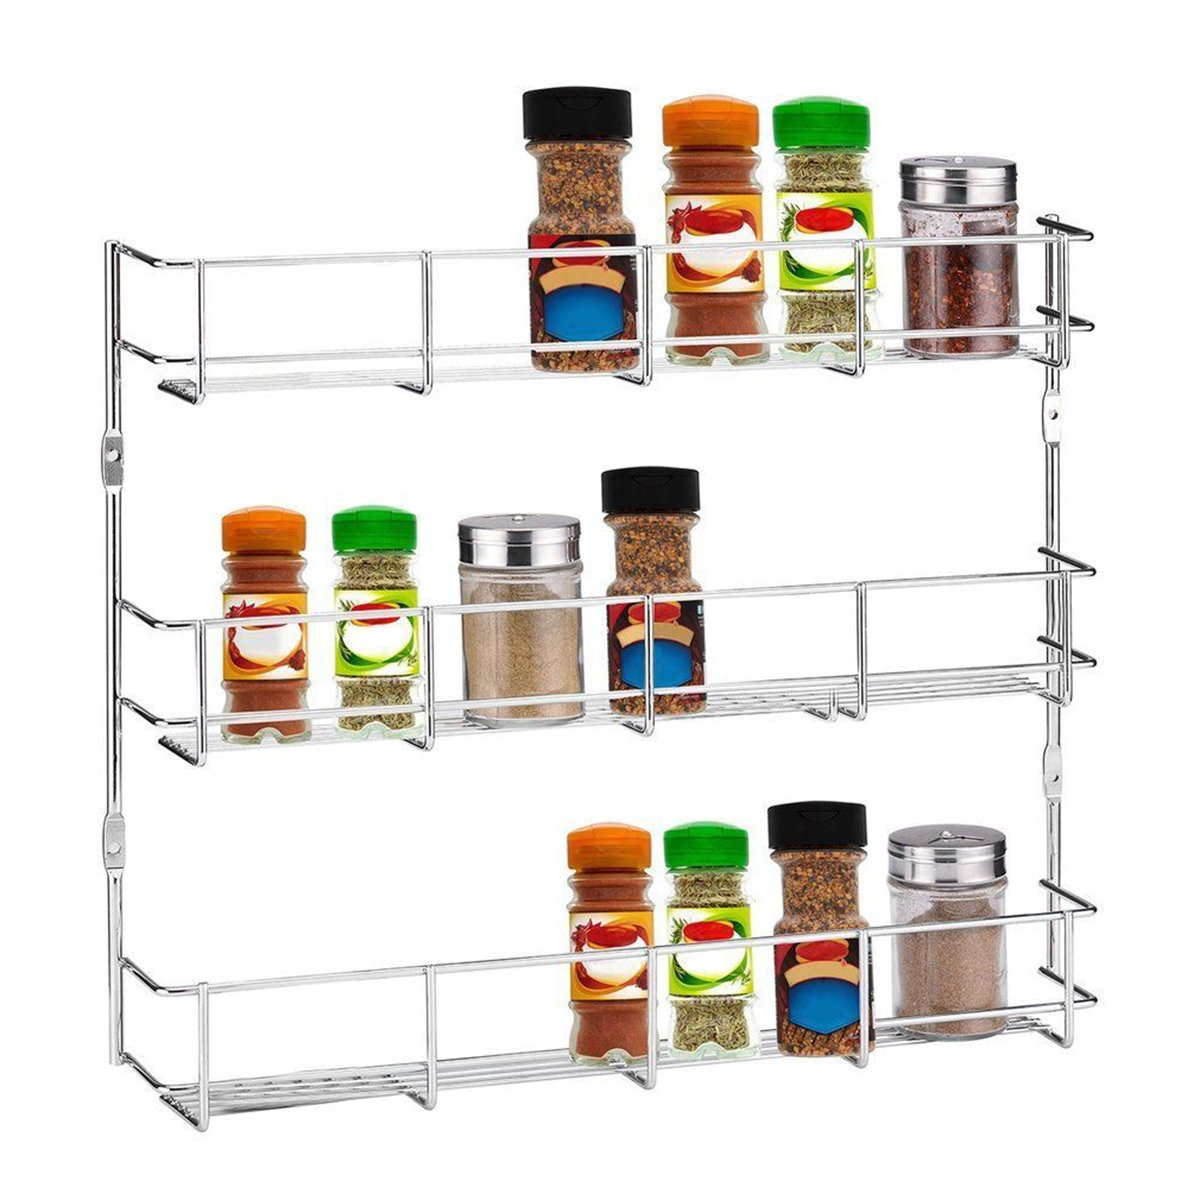 Vivona Hardware & Accessories 3 Tiers Kitchen Spice Rack Cabinet Wall Mount Storage Shelf Pantry Holder Kitchen Storage Rack